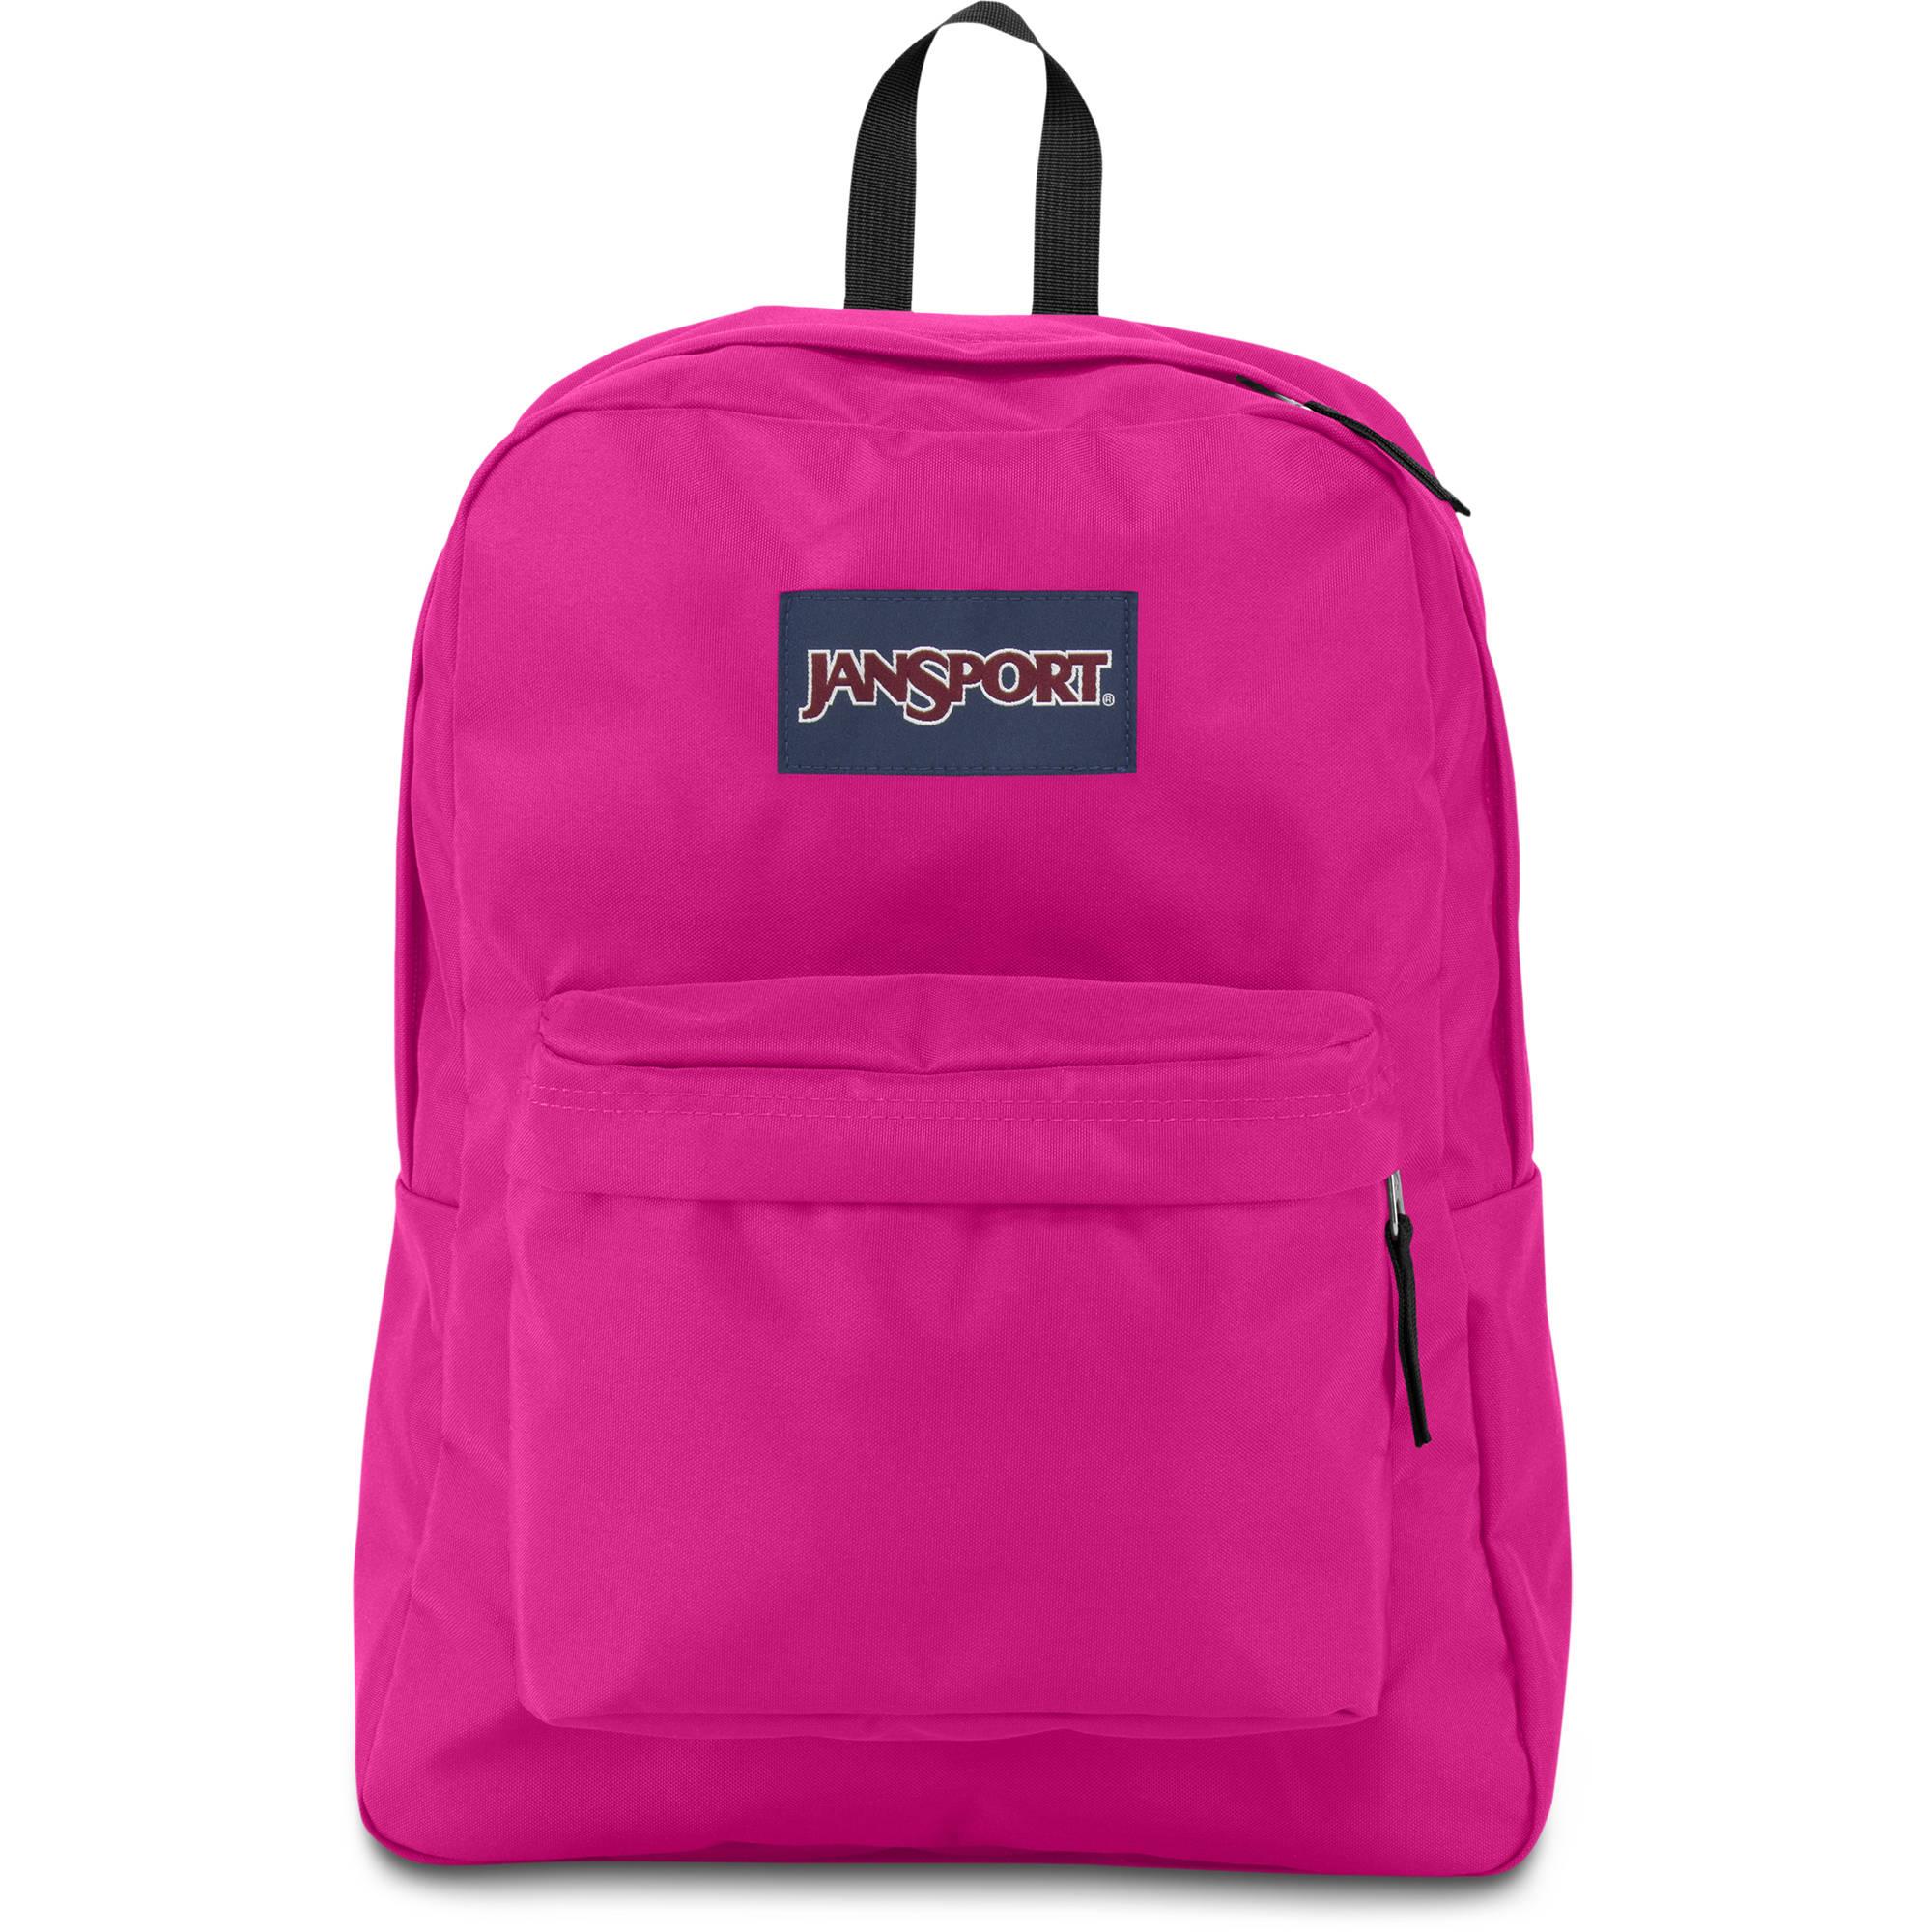 JanSport SuperBreak 25L Backpack (Cyber Pink) JS00T50101B B&H